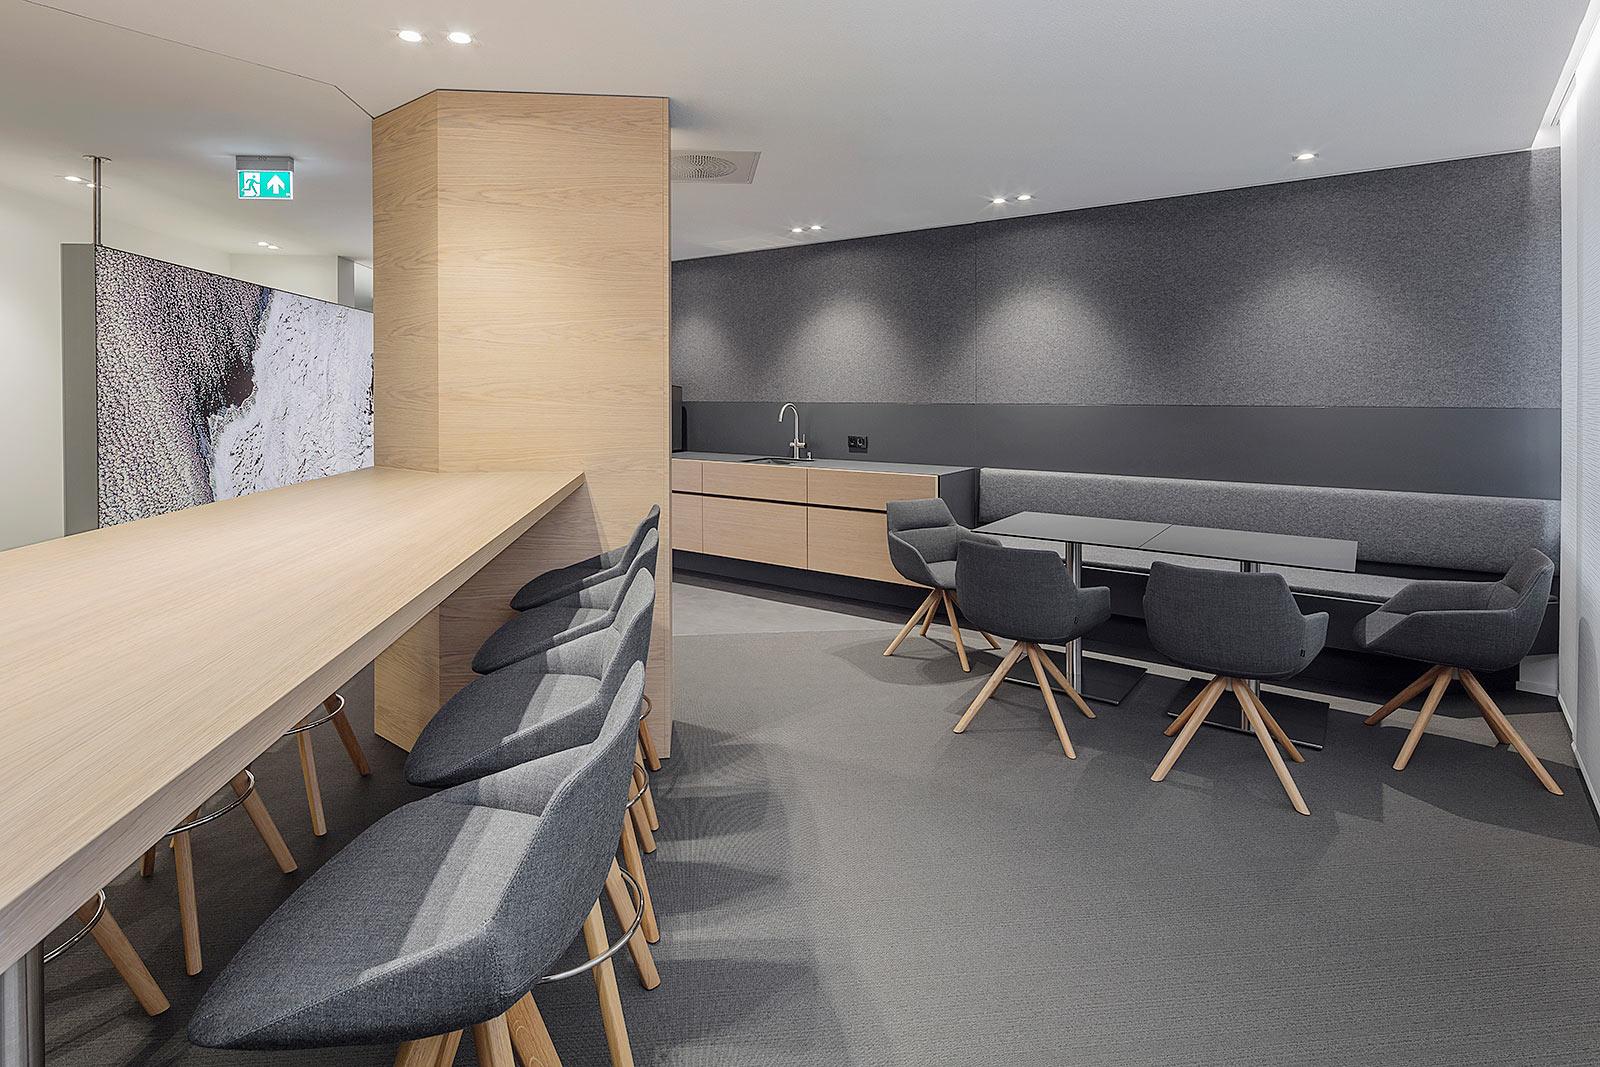 Fotografie der neuen Kaffeeküche in der Firmenzentrale